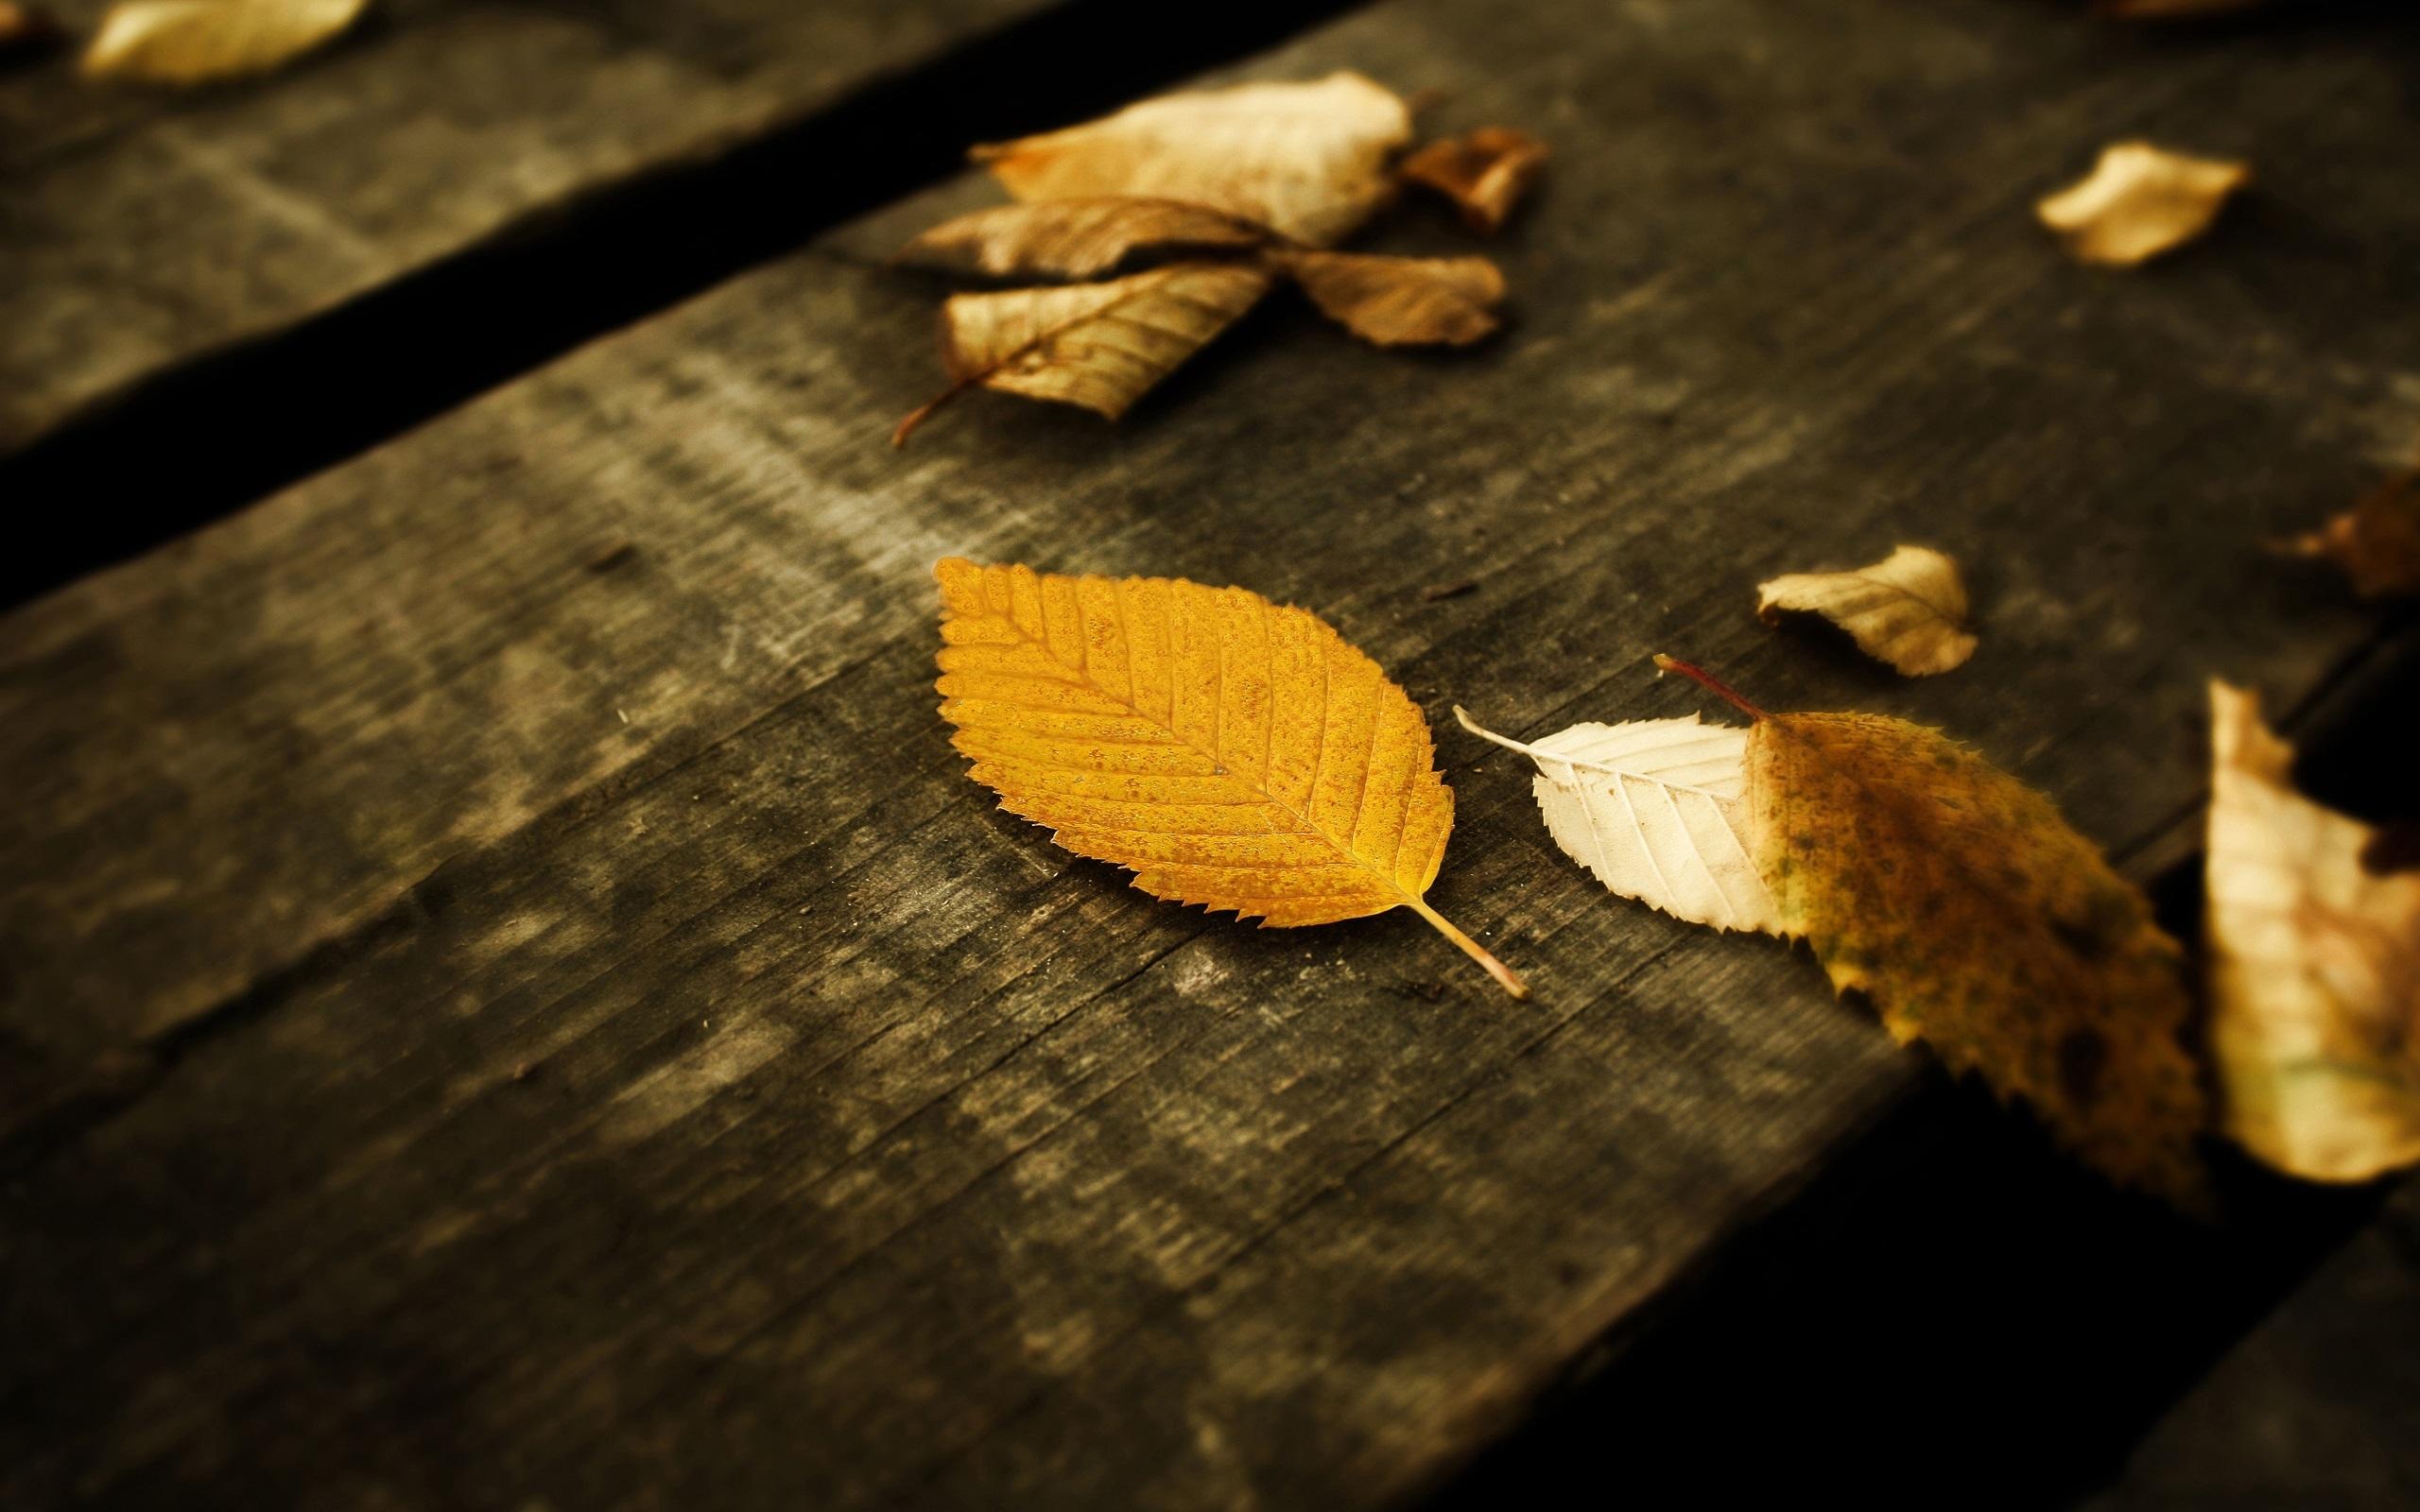 23056 скачать обои Растения, Фон, Осень, Листья - заставки и картинки бесплатно